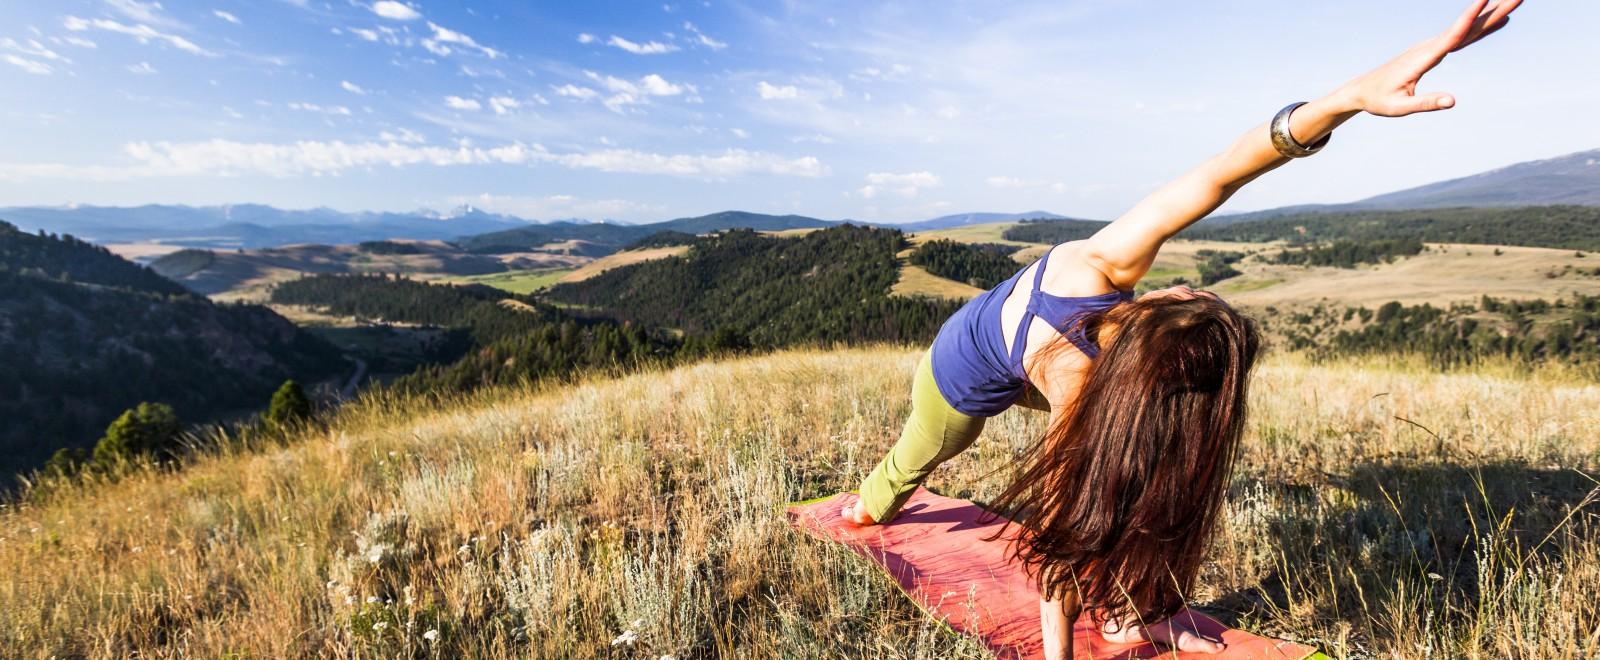 Cowboy Yoga at The Ranch, Montana